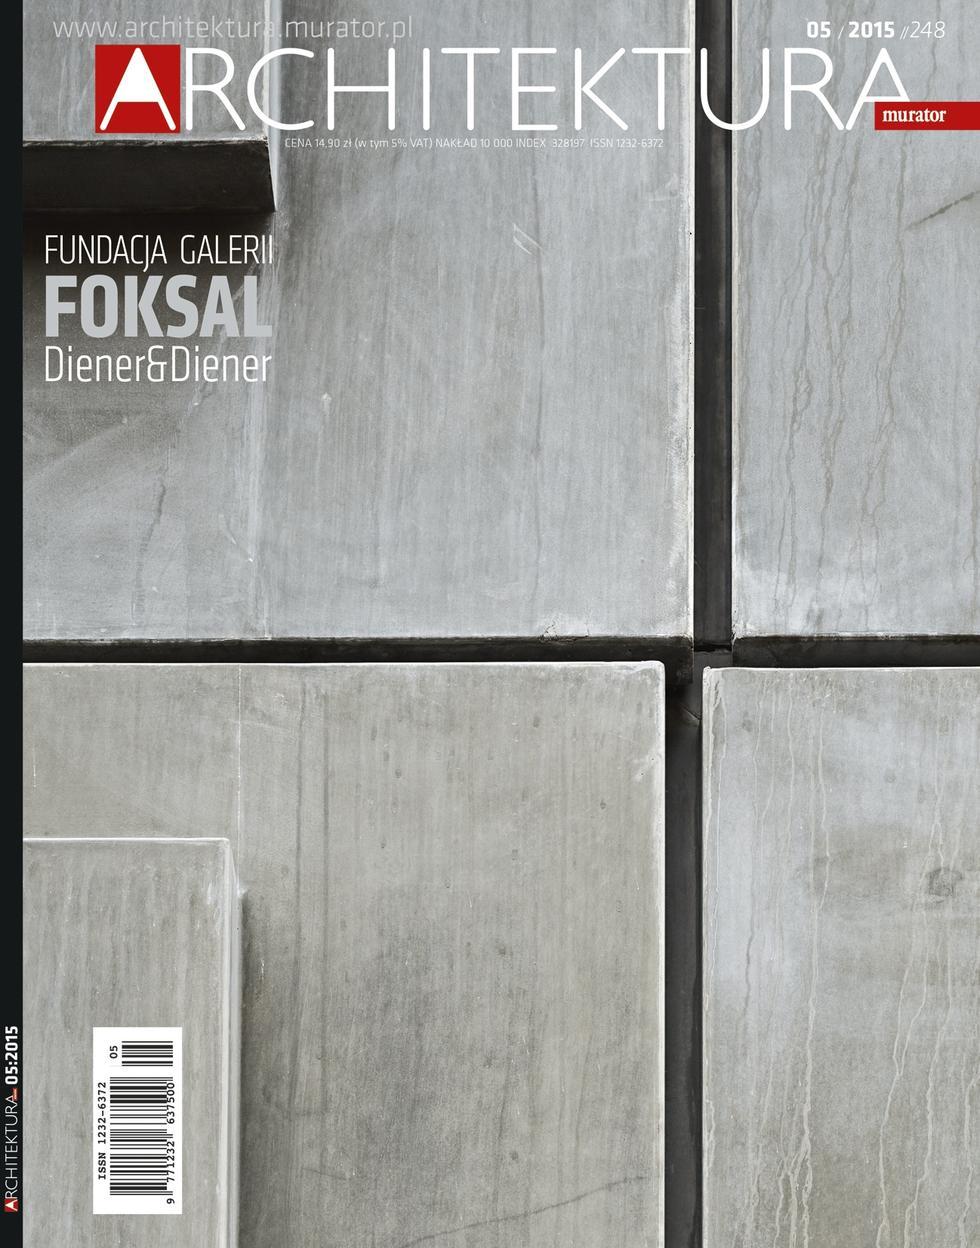 """""""Architektura-murator"""" nr 5/2015 z nagrodą Grand Front"""